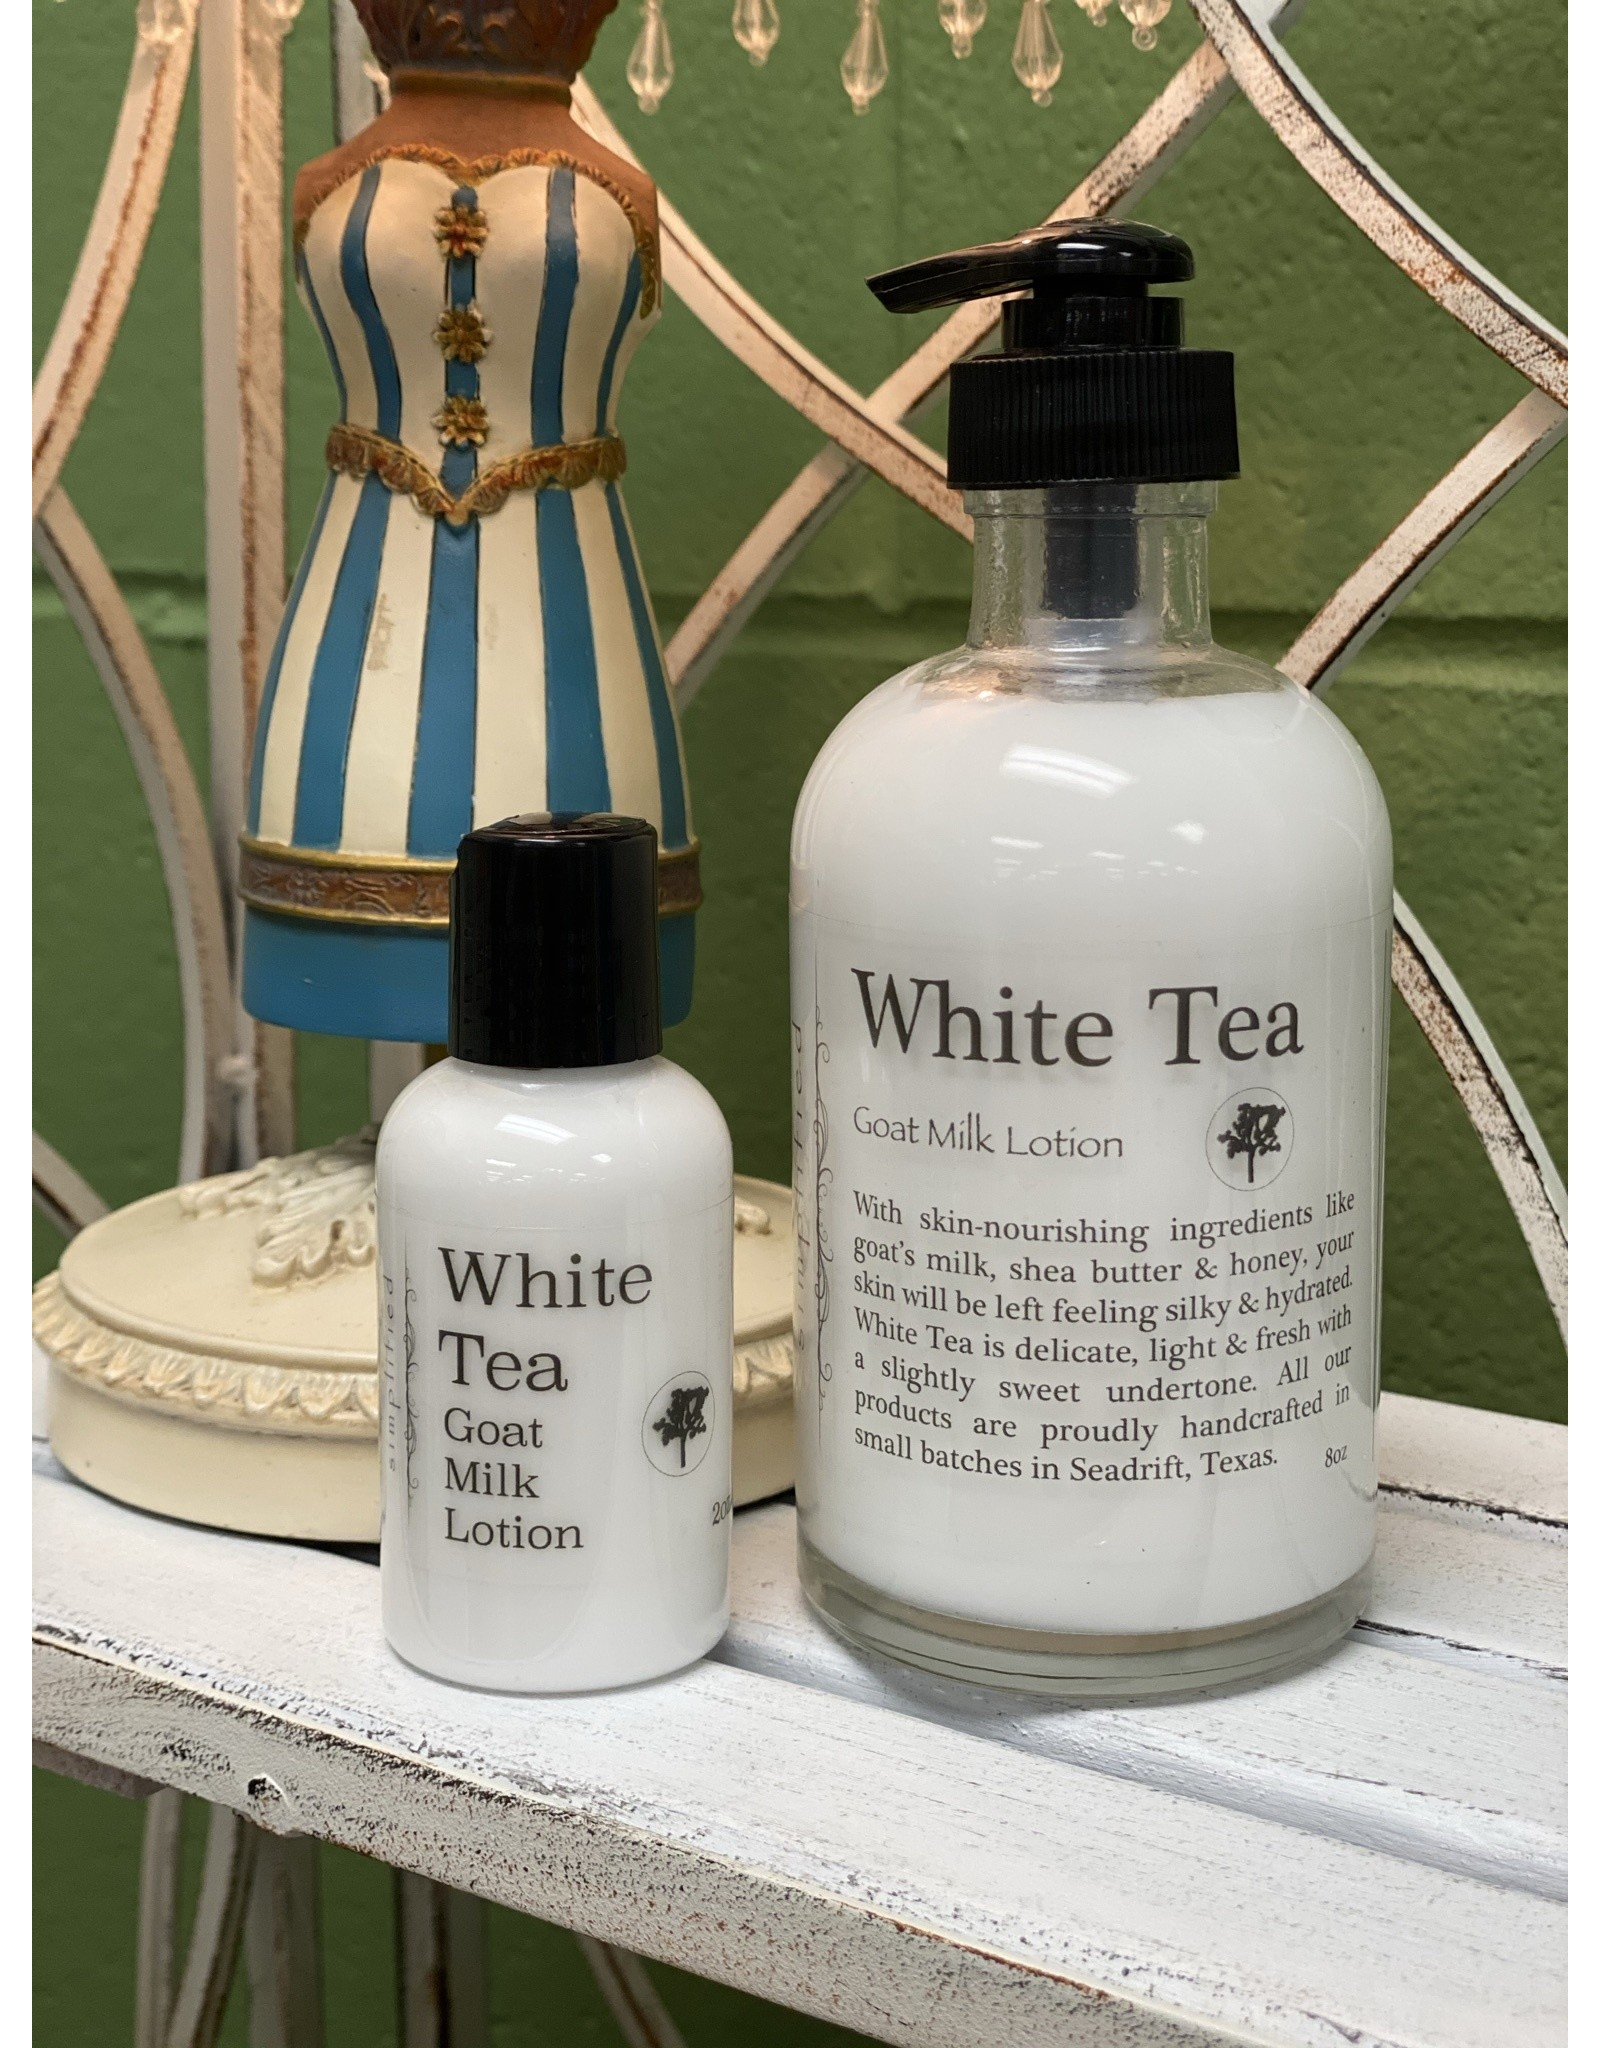 White Tea Goat Milk Lotion 2oz